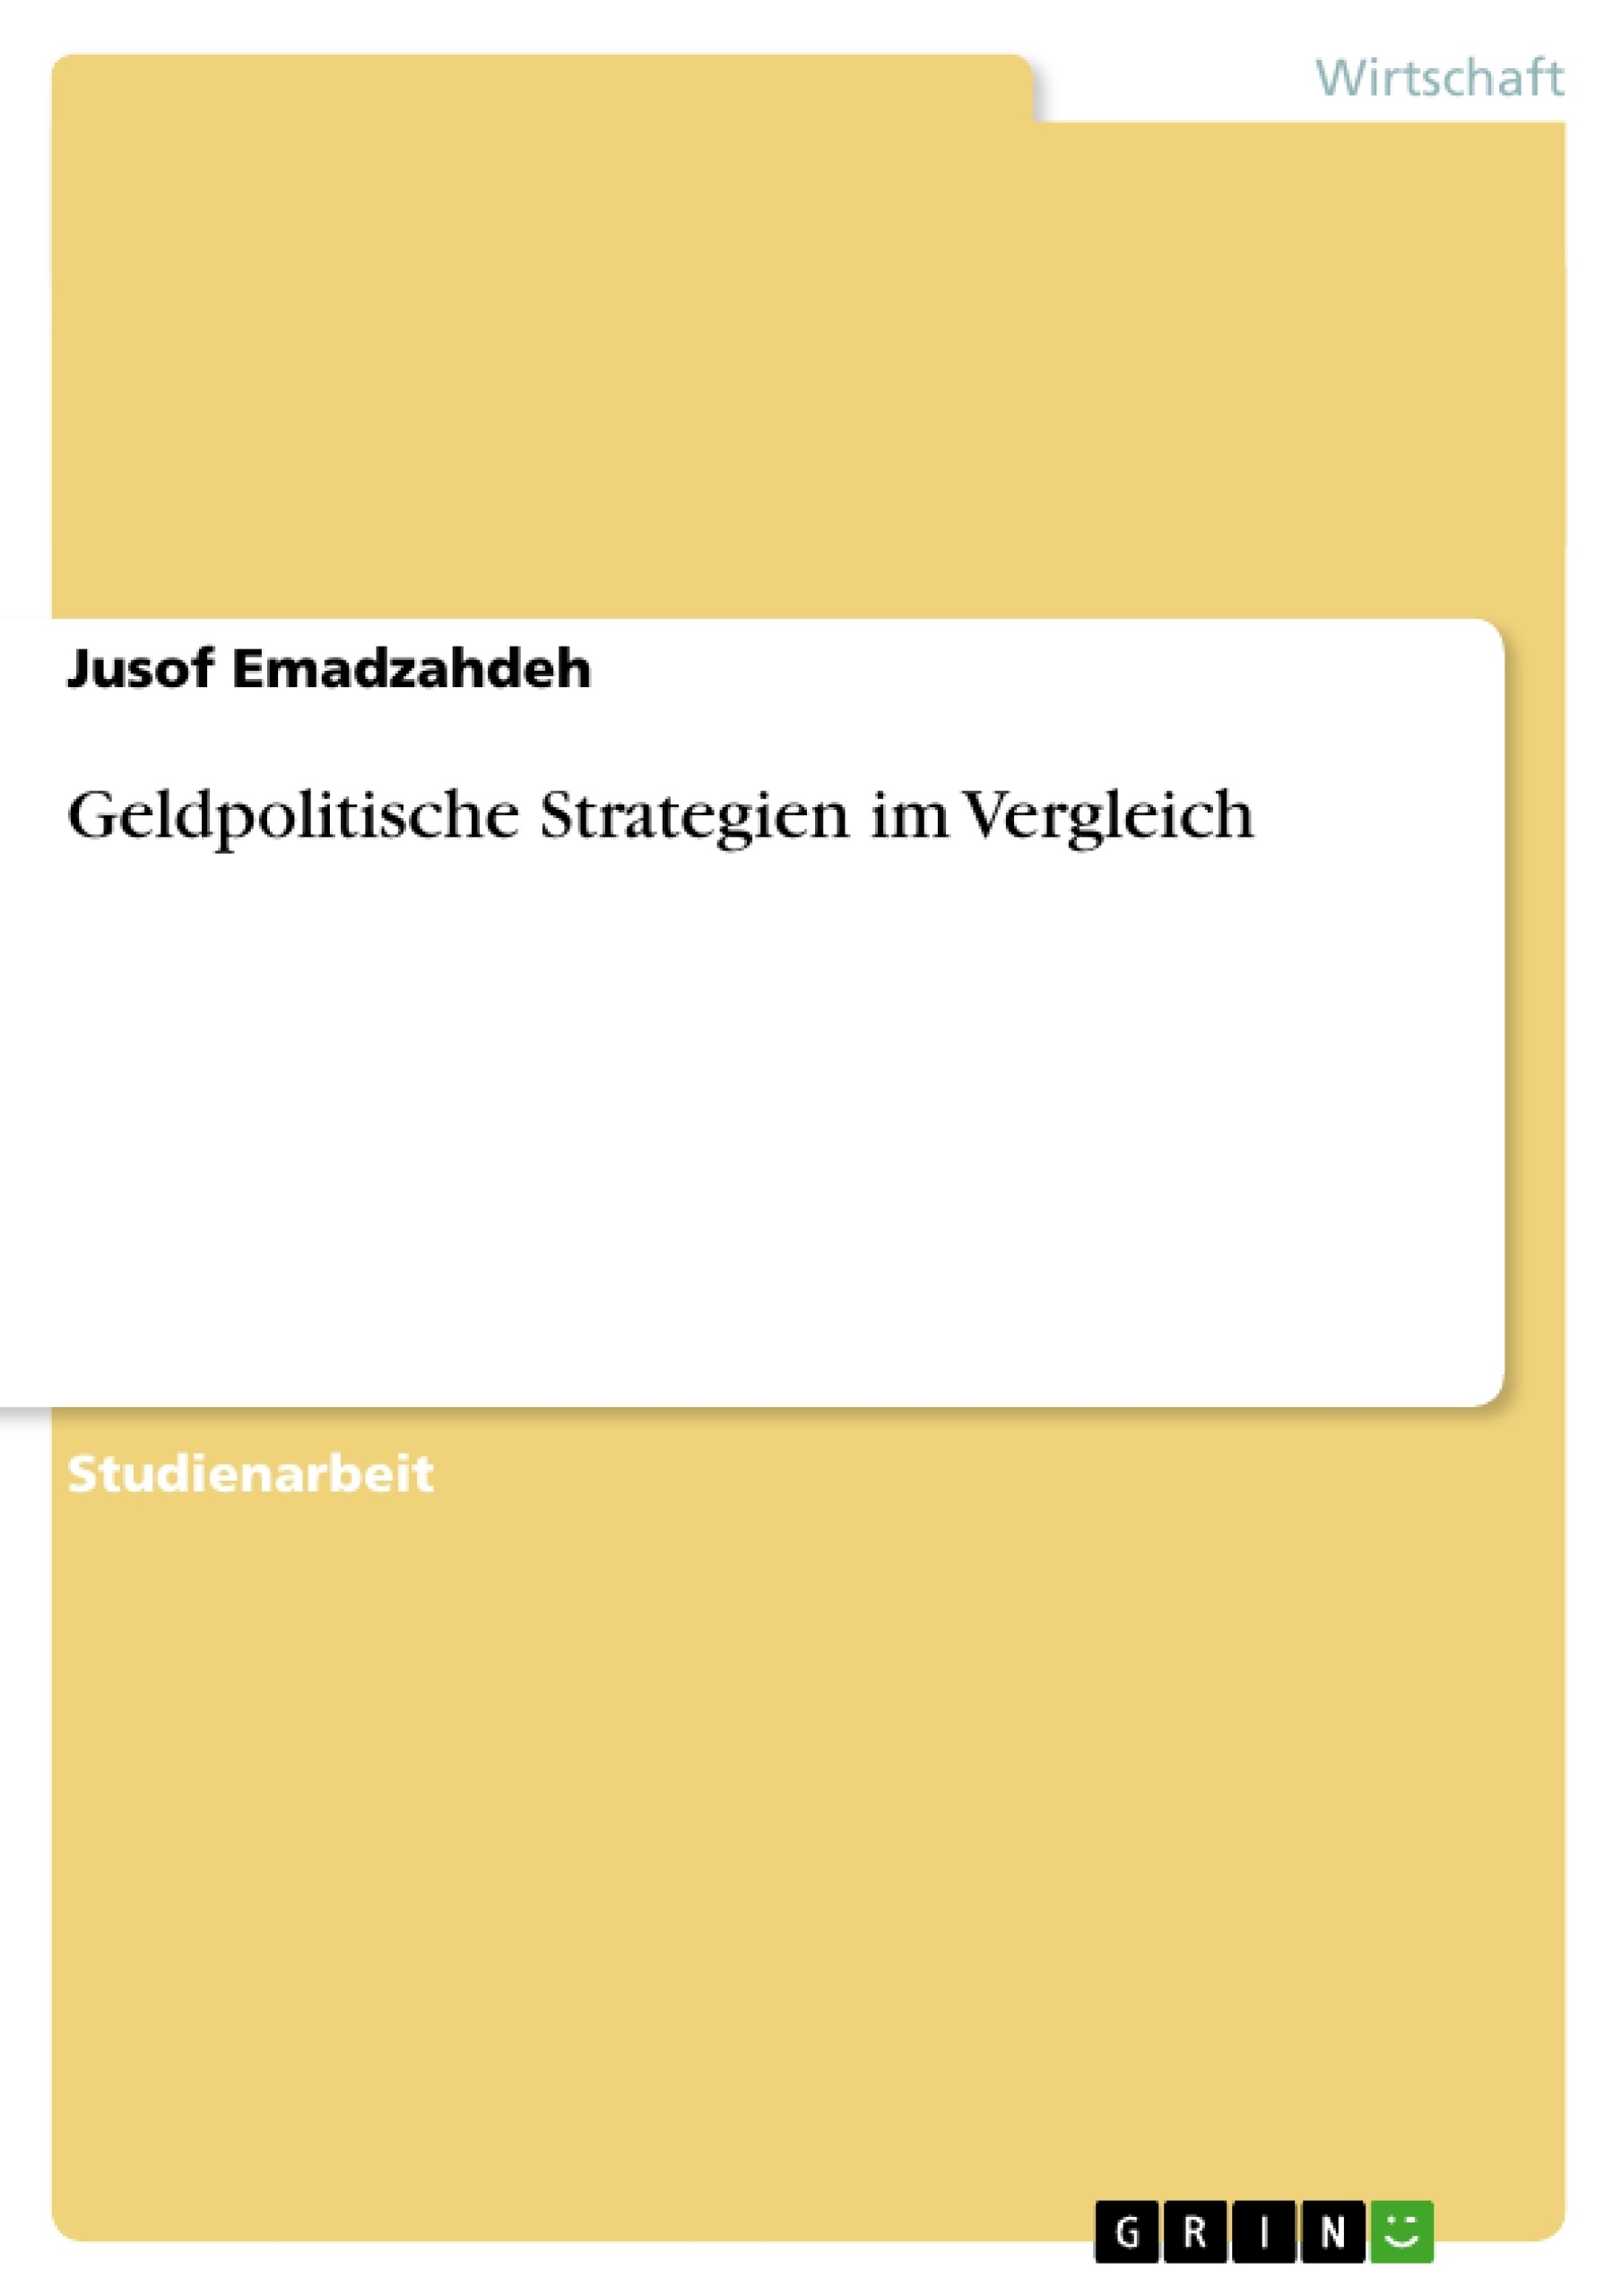 Titel: Geldpolitische Strategien im Vergleich